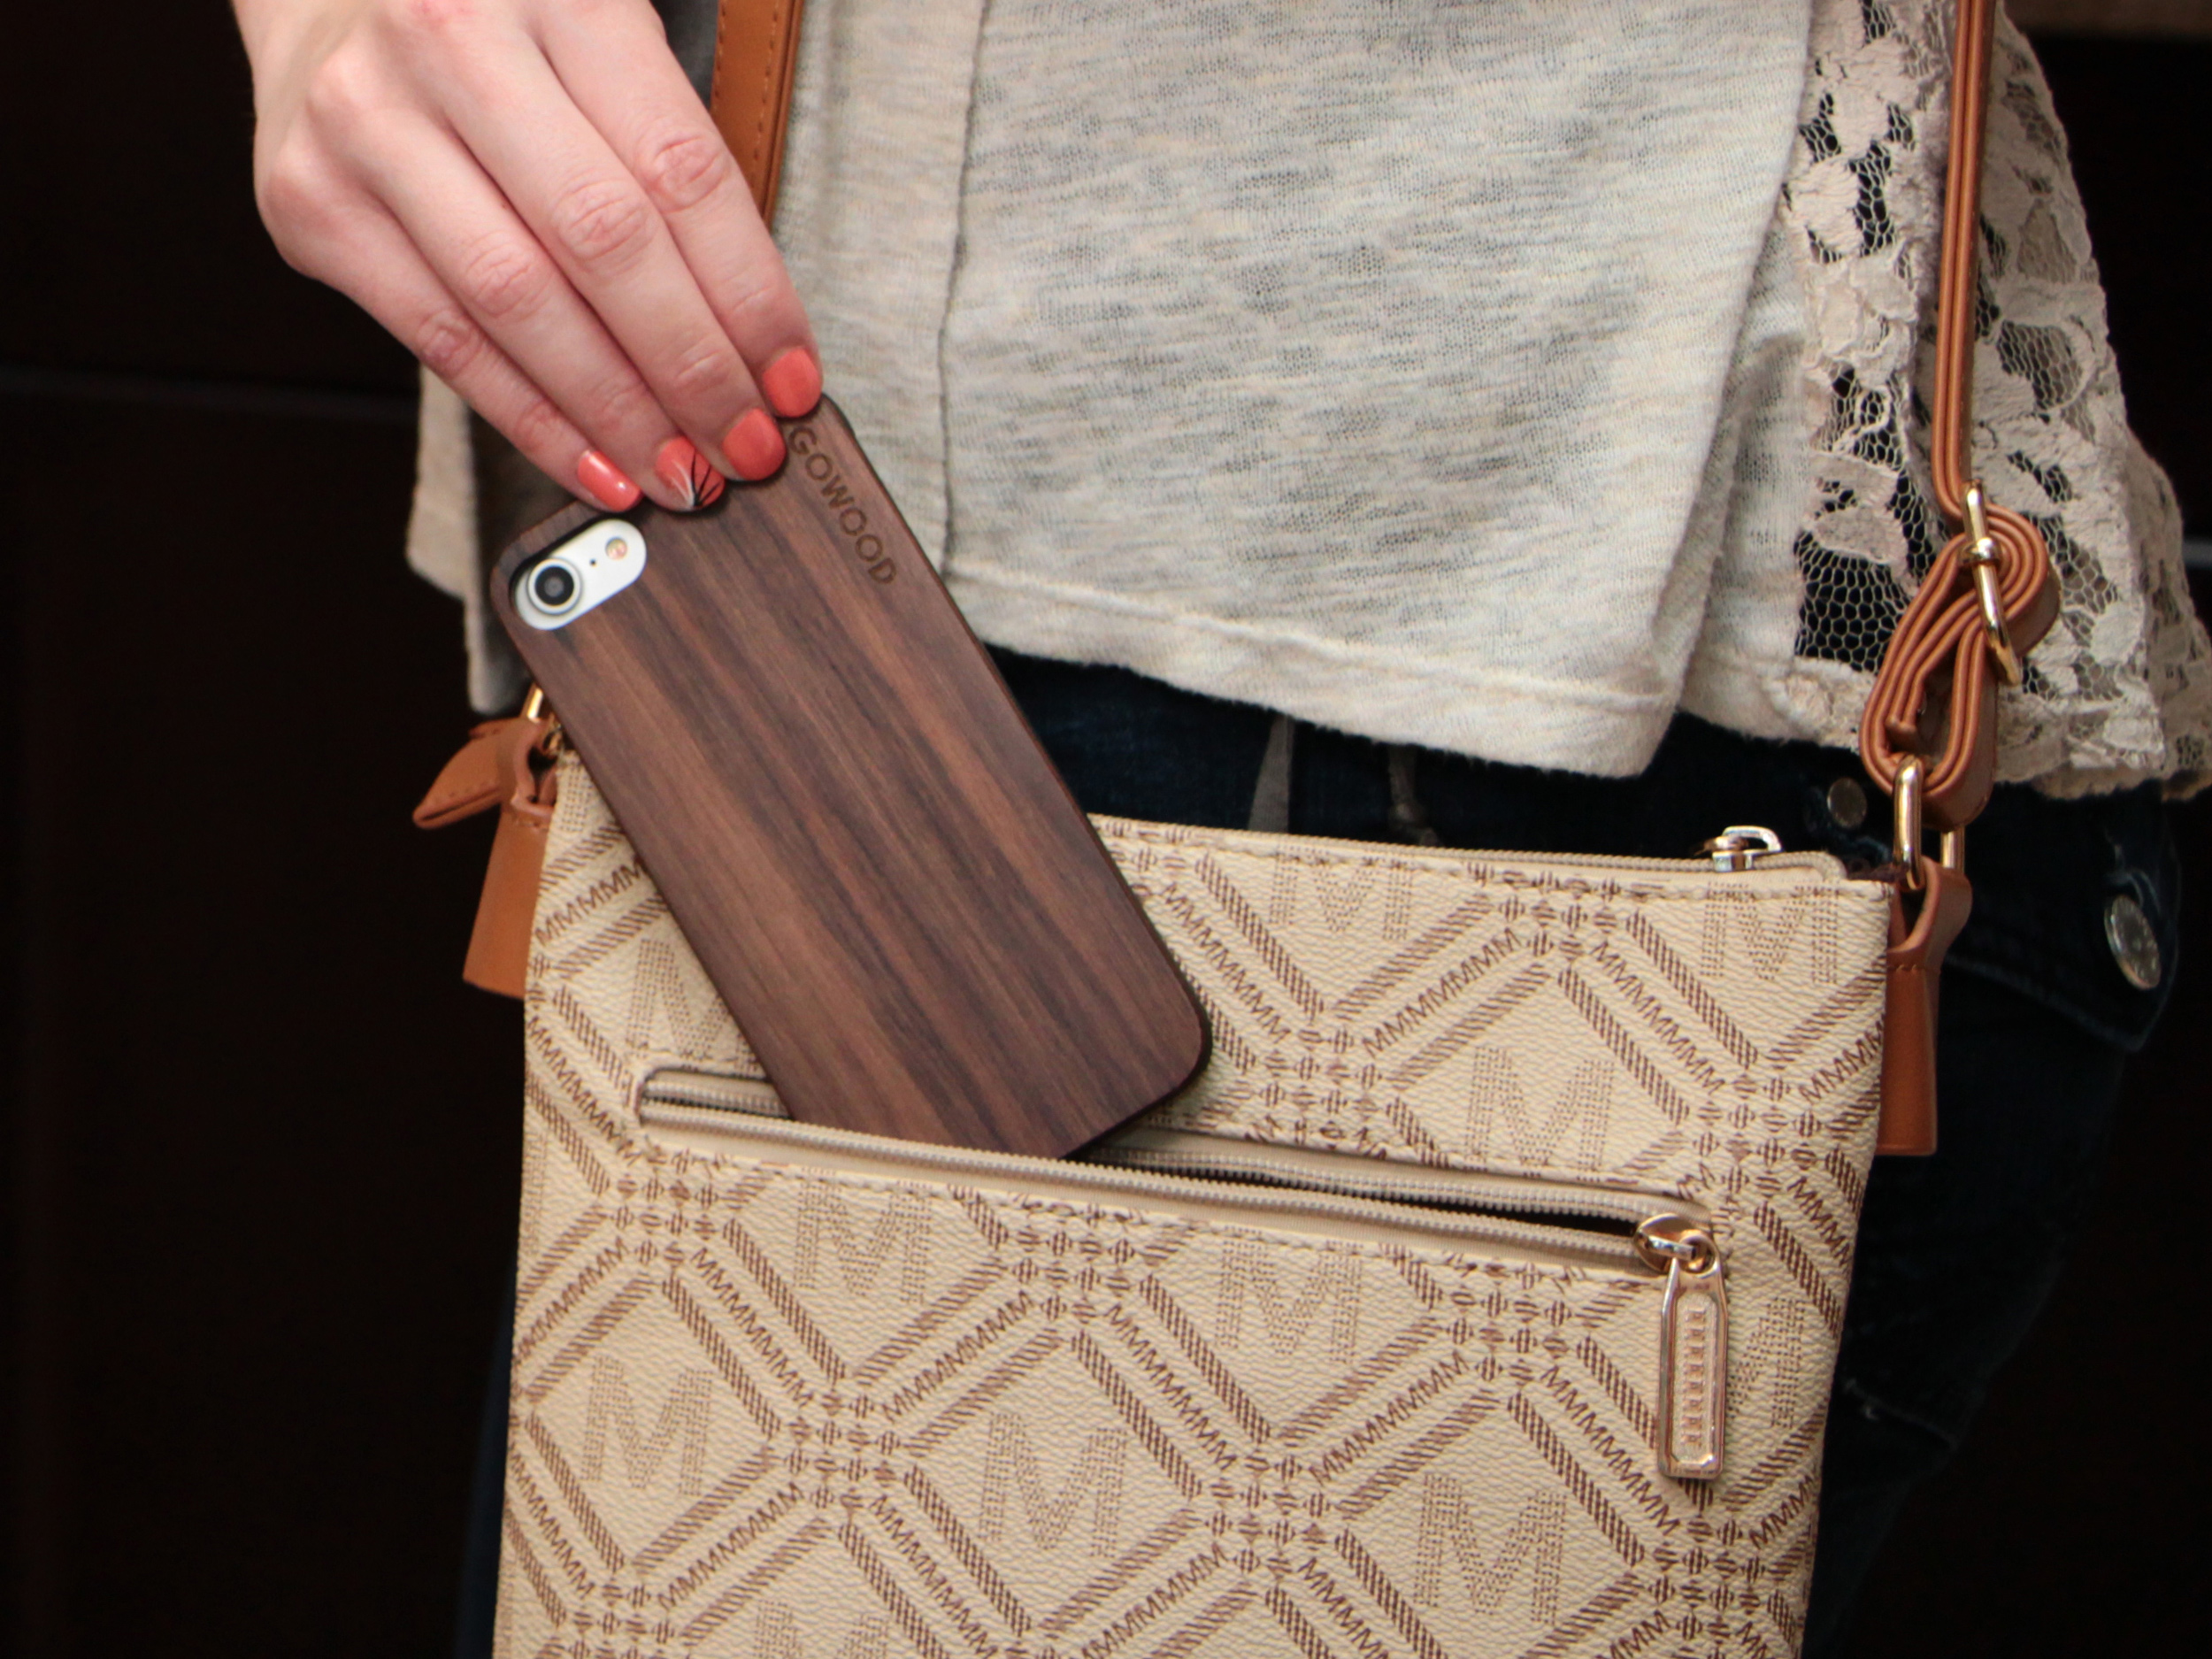 iPhone 7 hoesje walnoot hout gebruiker 2